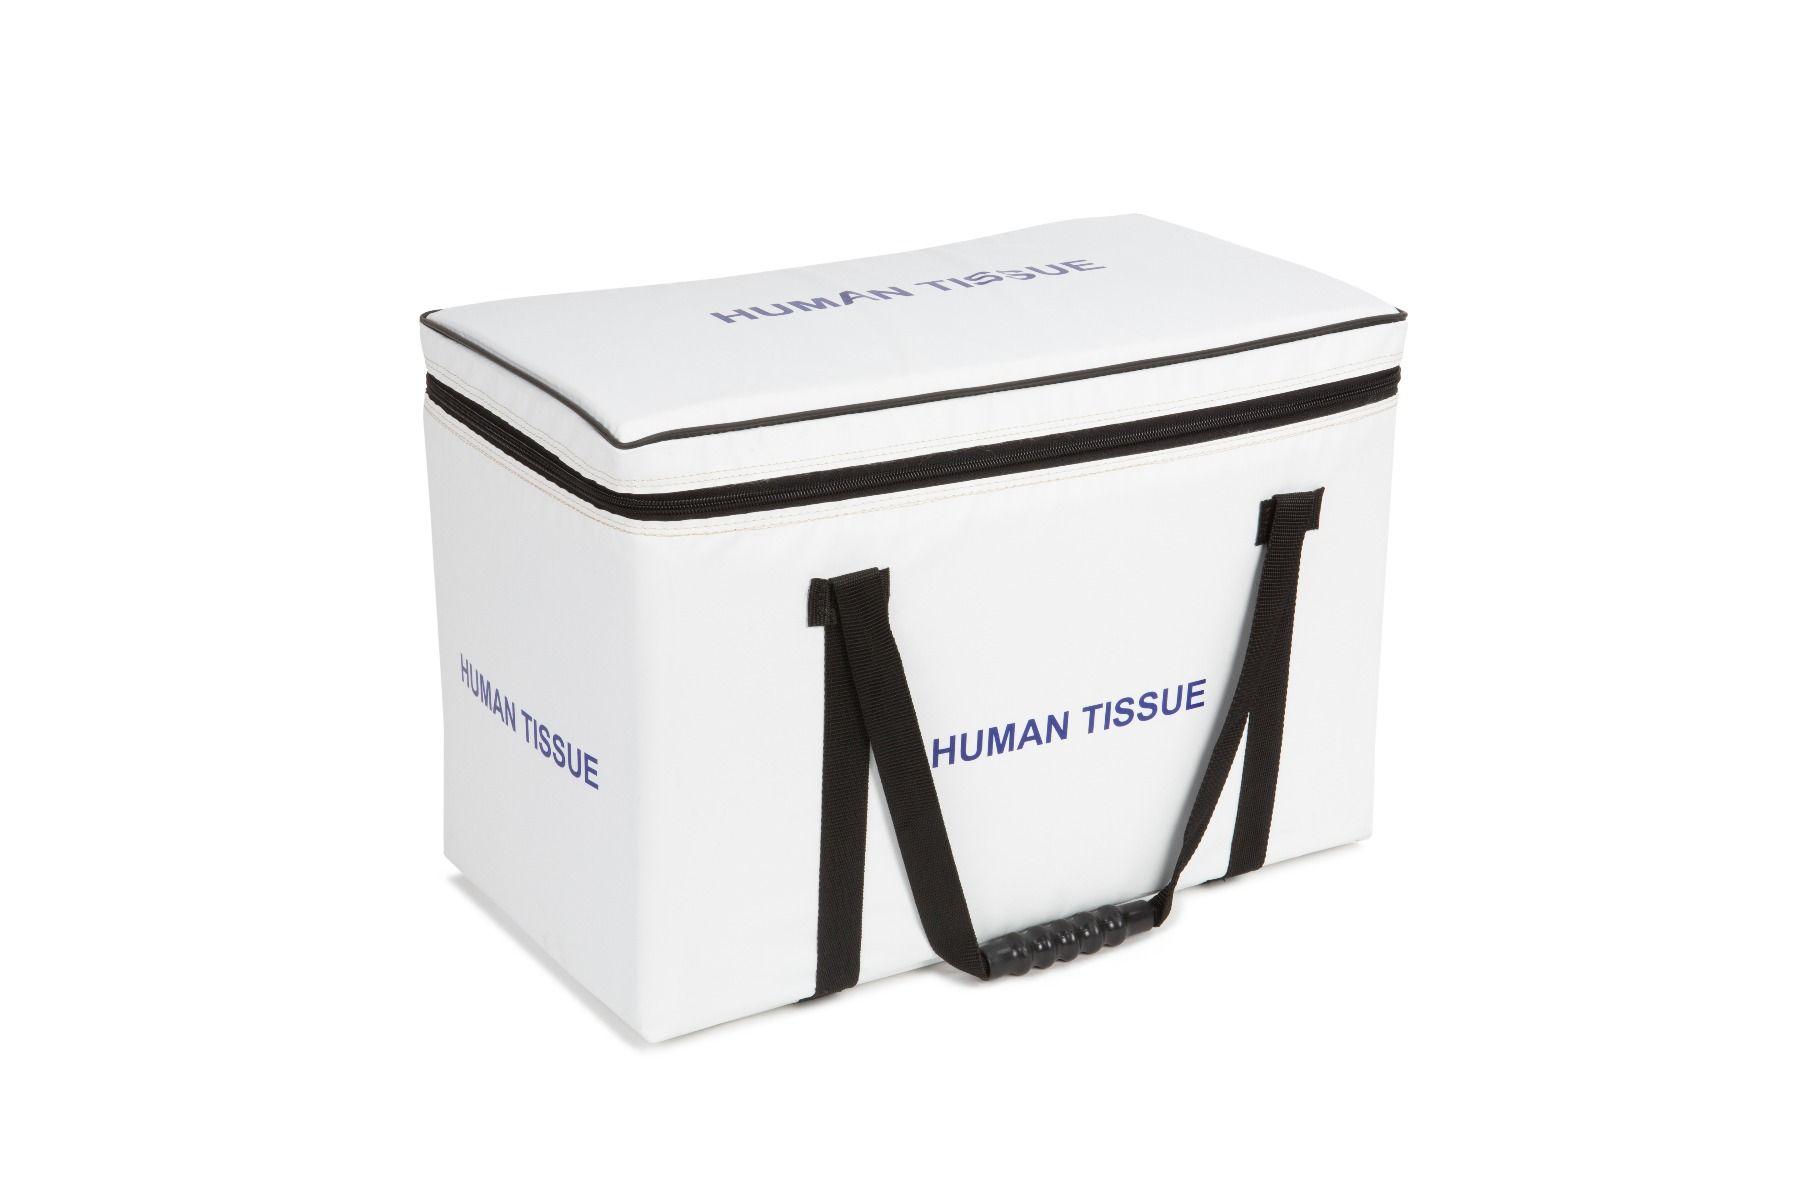 Medium Transport Medical Carrier - Human Tissue